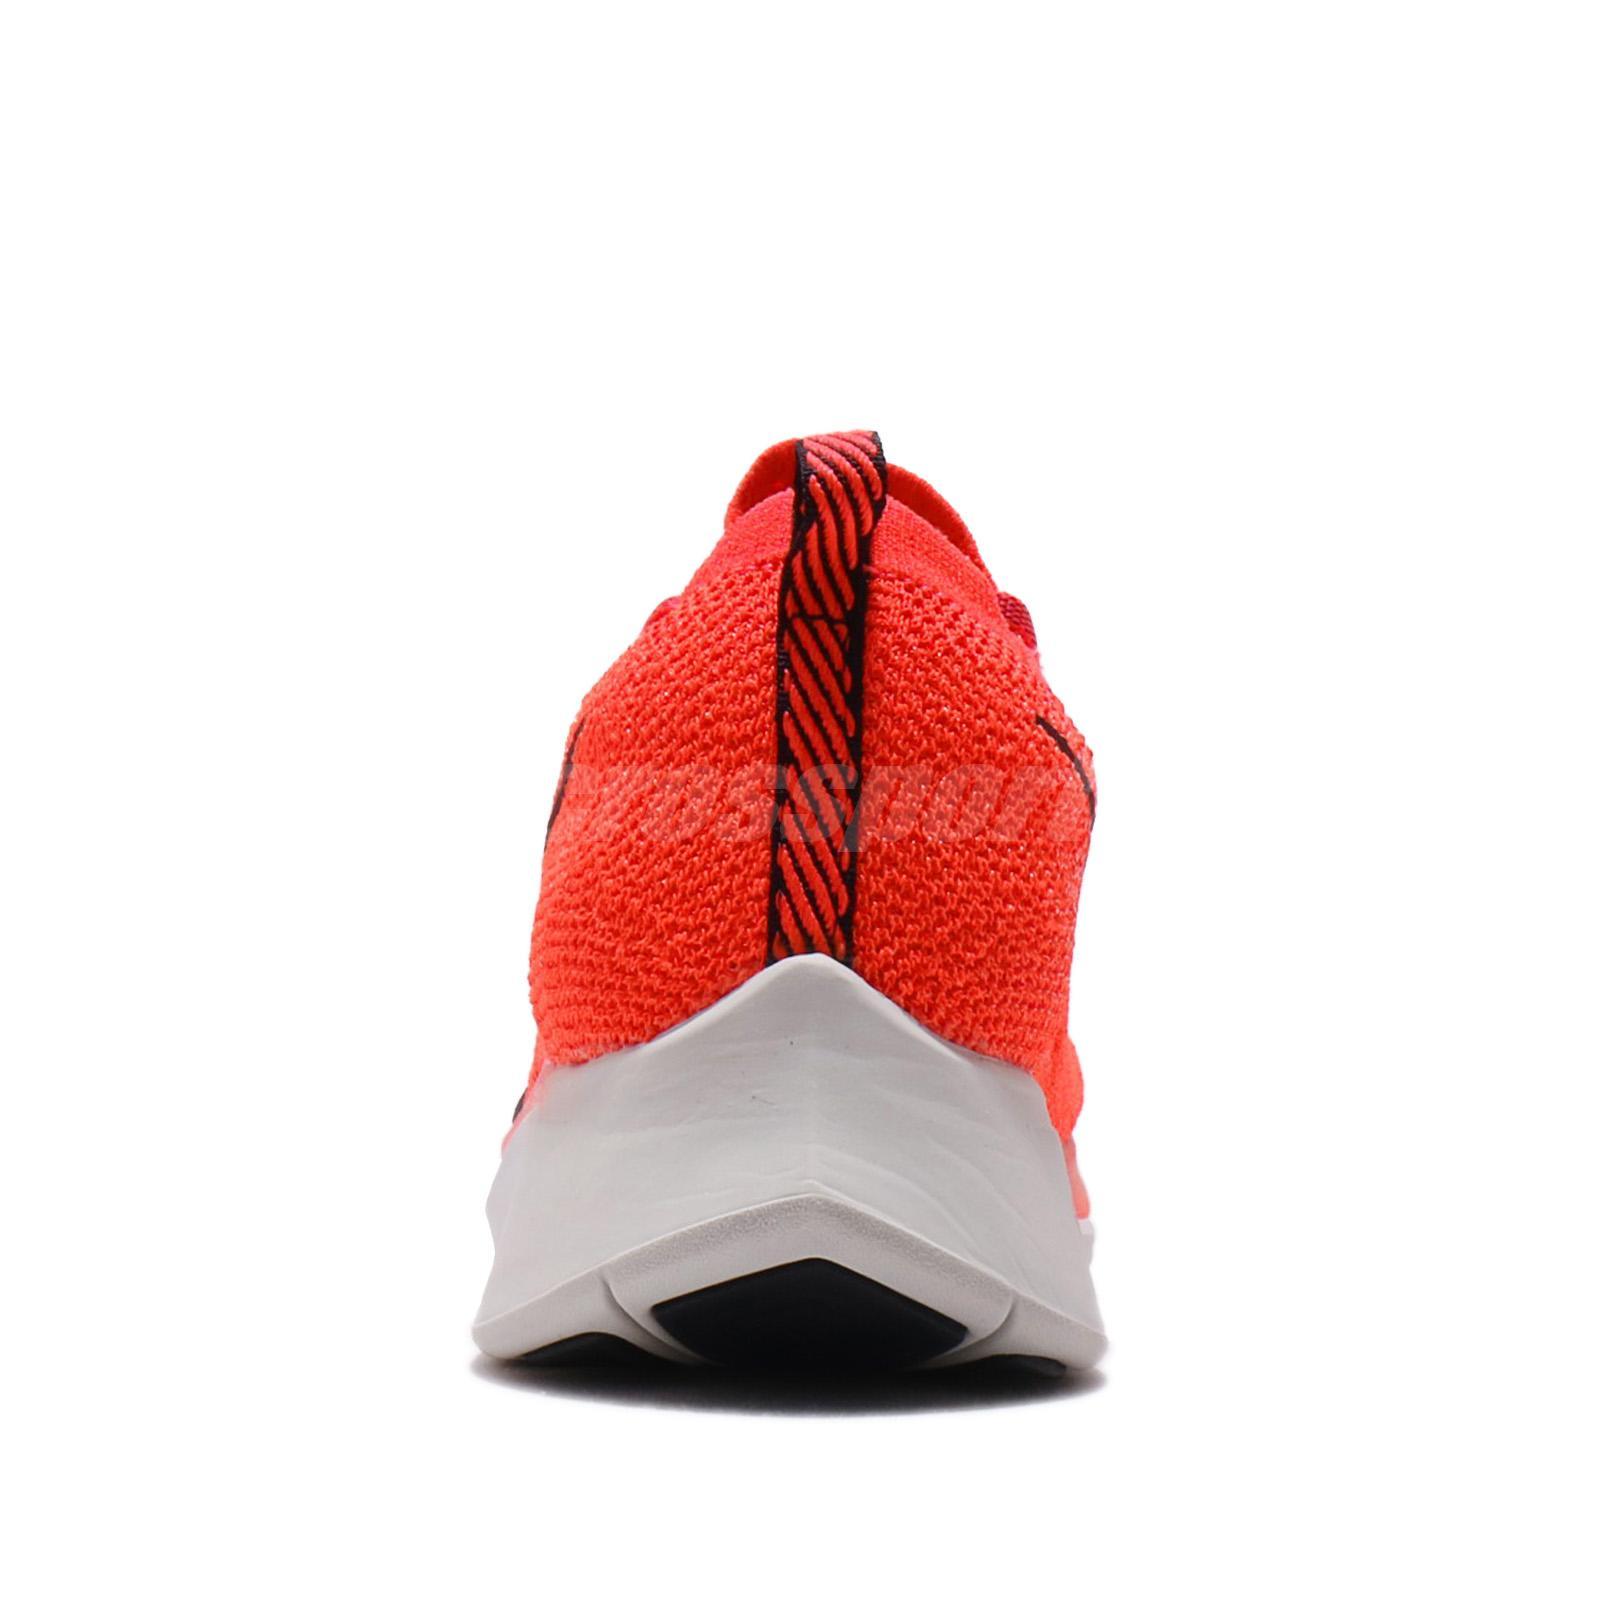 3372ab04c95e Nike Zoom Fly FK Flyknit Bright Crimson Black Men Running Shoes ...